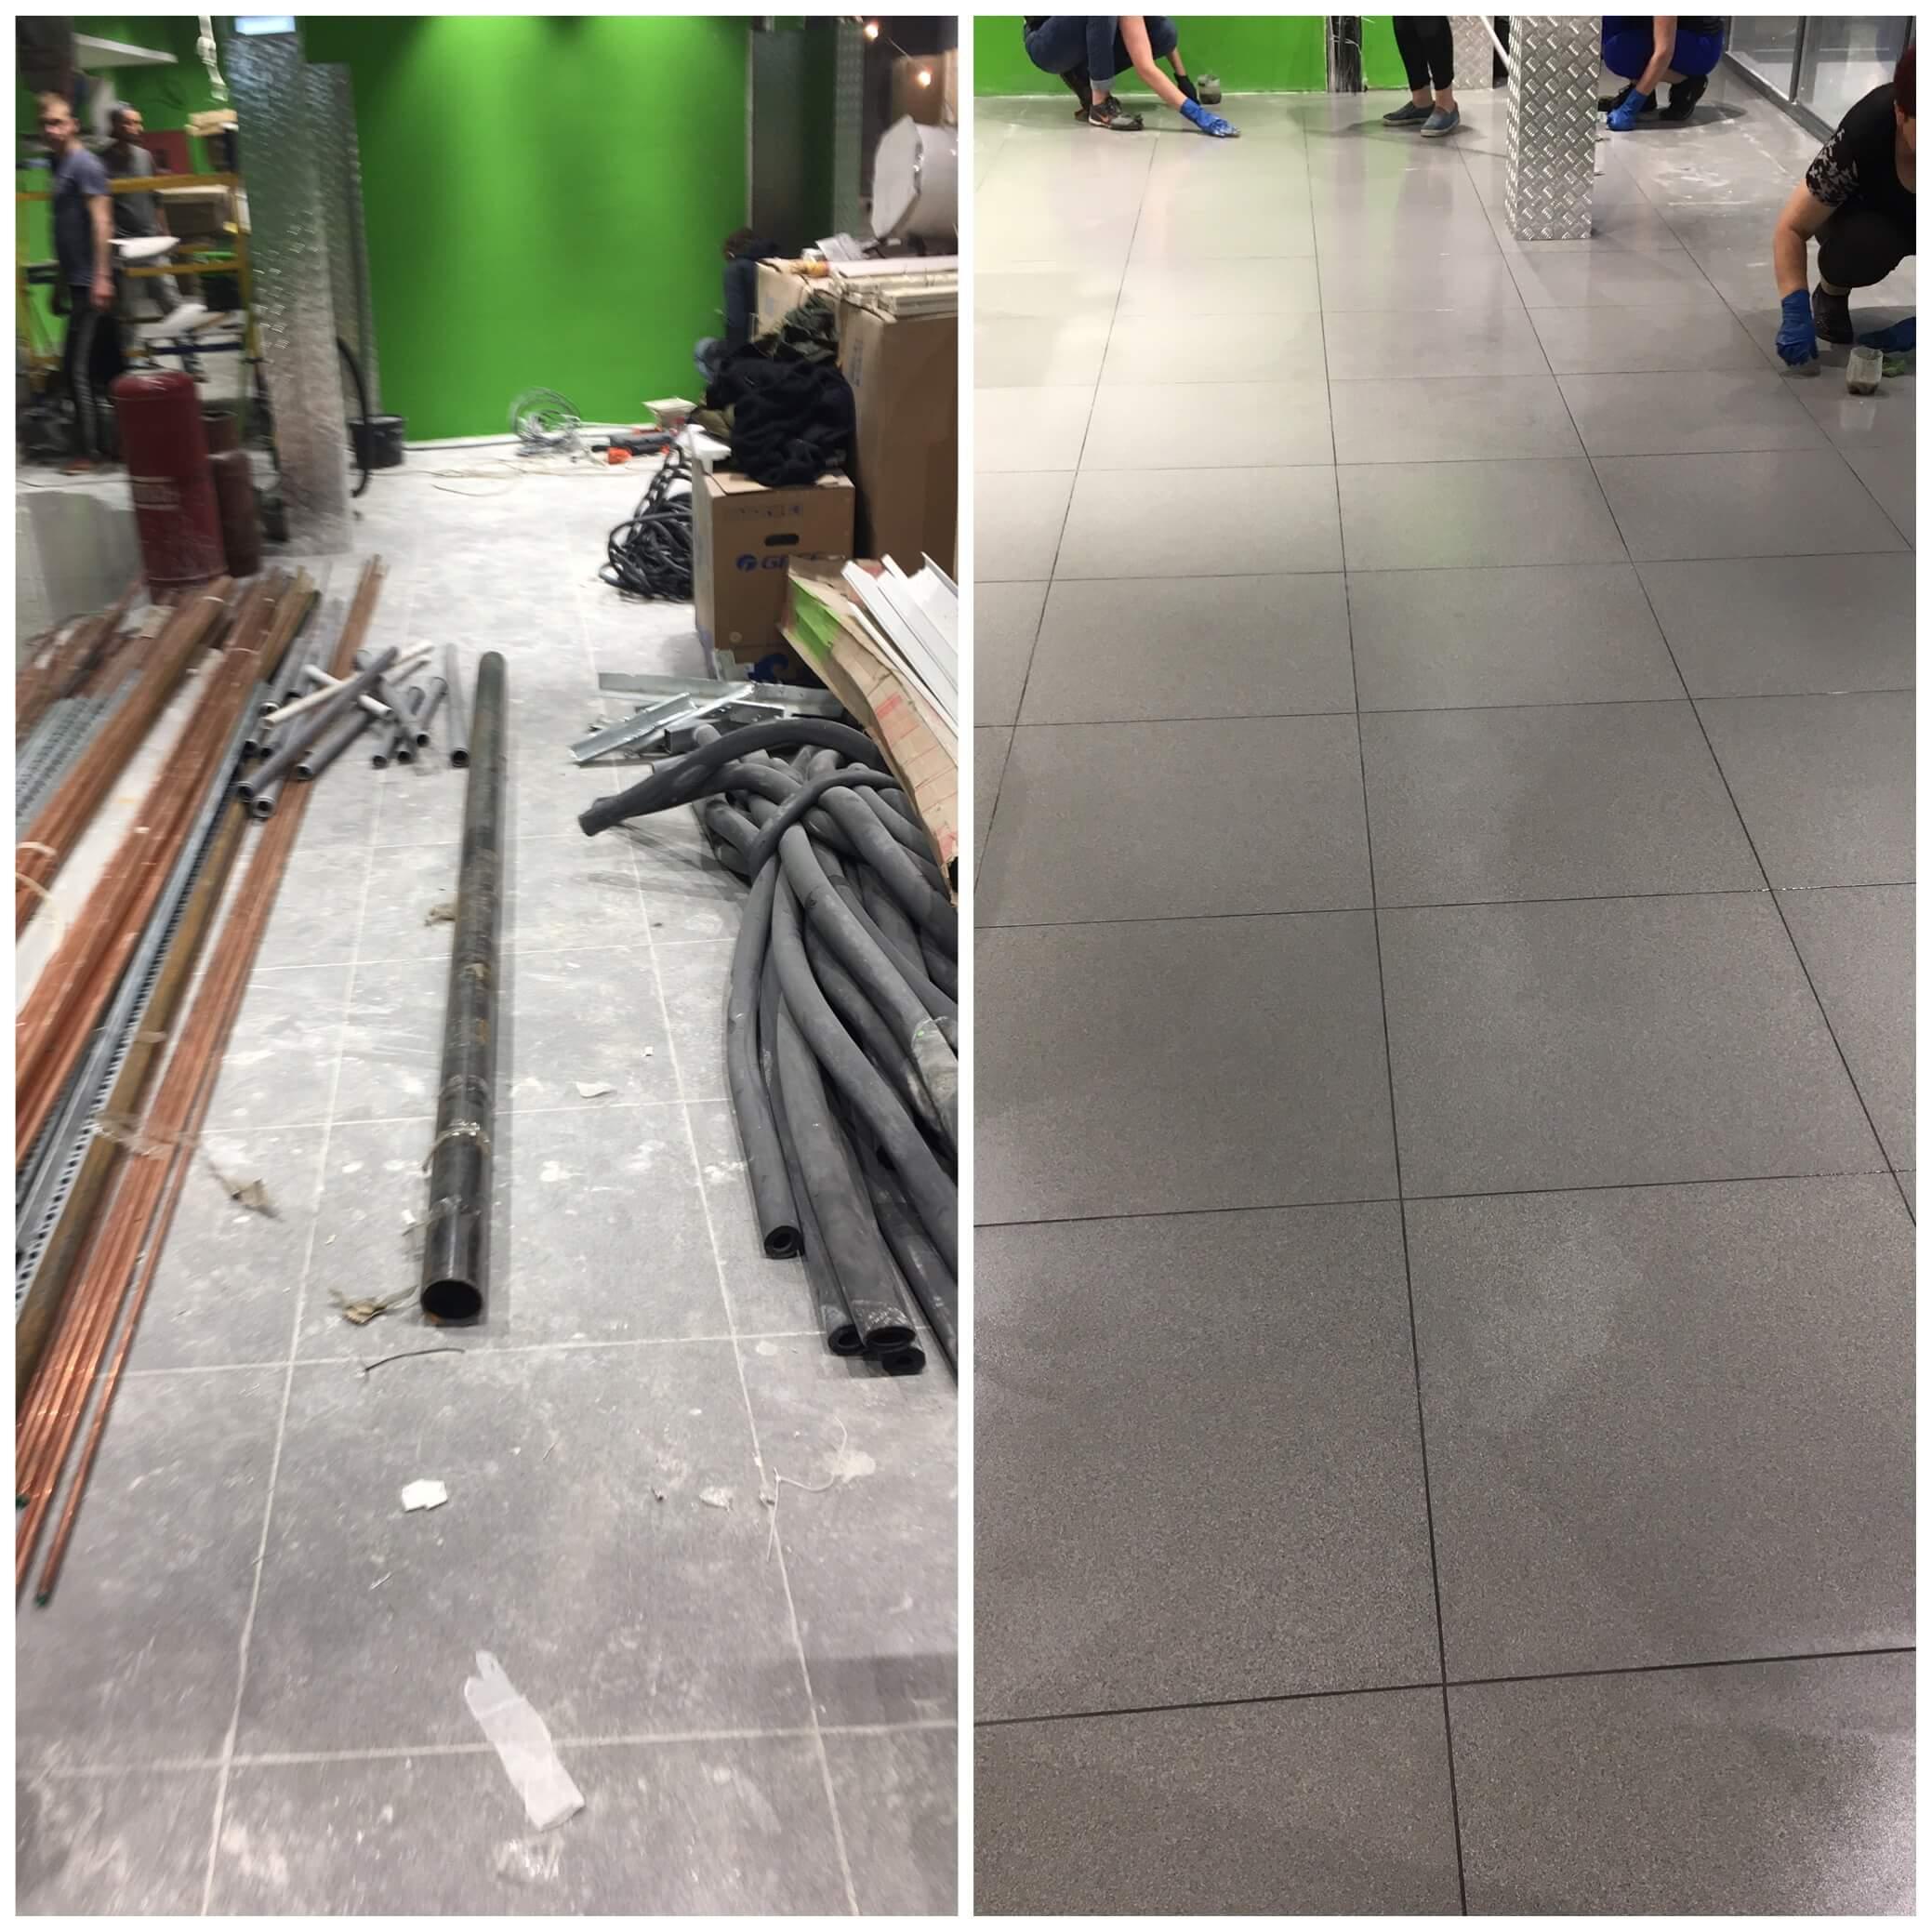 Підлога після прибирання